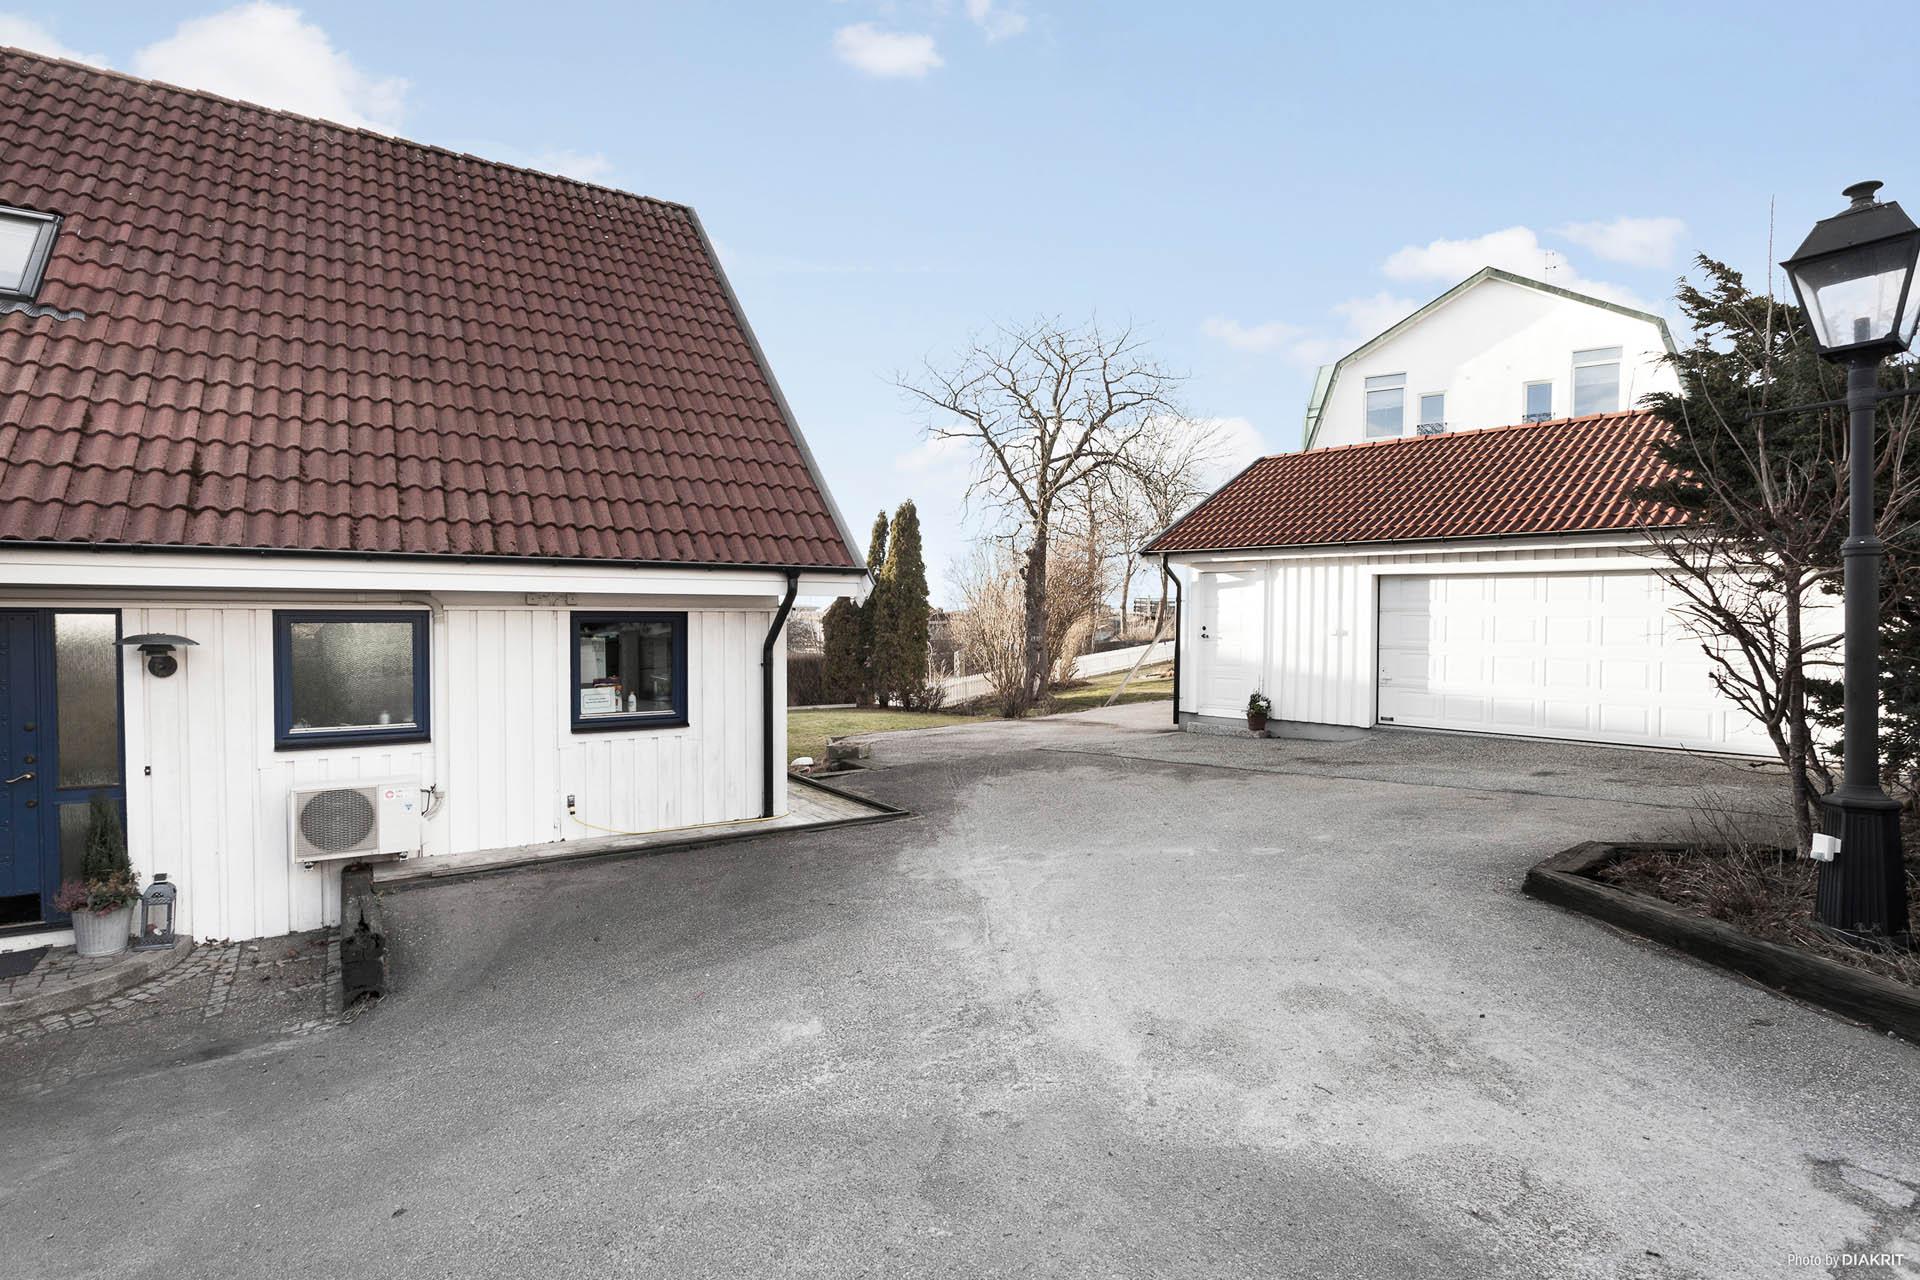 Hus med dubbelgarage samt förråd på tomten.